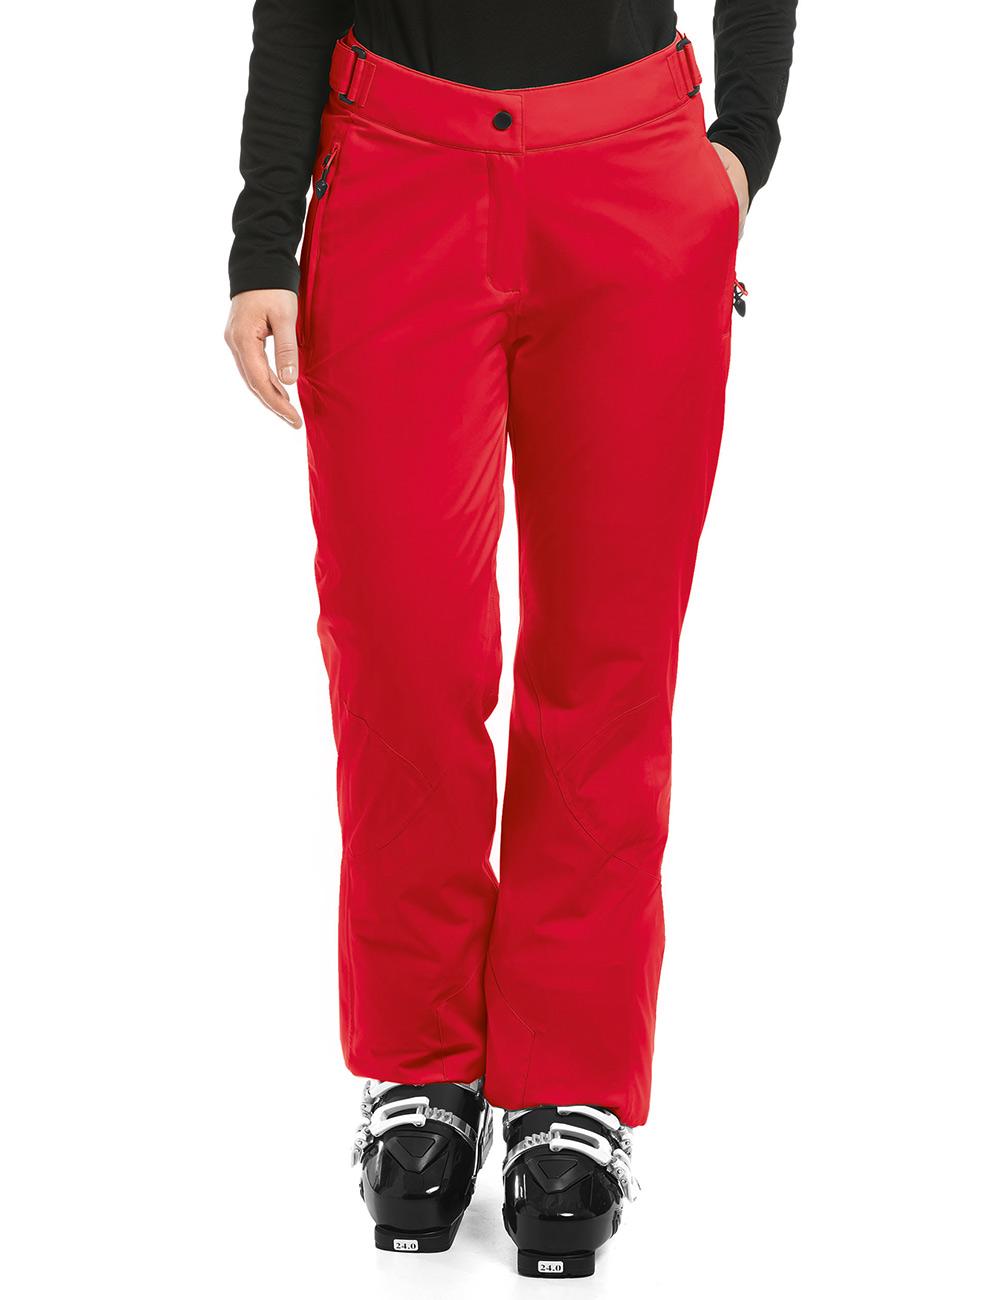 Купить Брюки горнолыжные MAIER 2017-18 Resi light chinese red Одежда горнолыжная 1280647